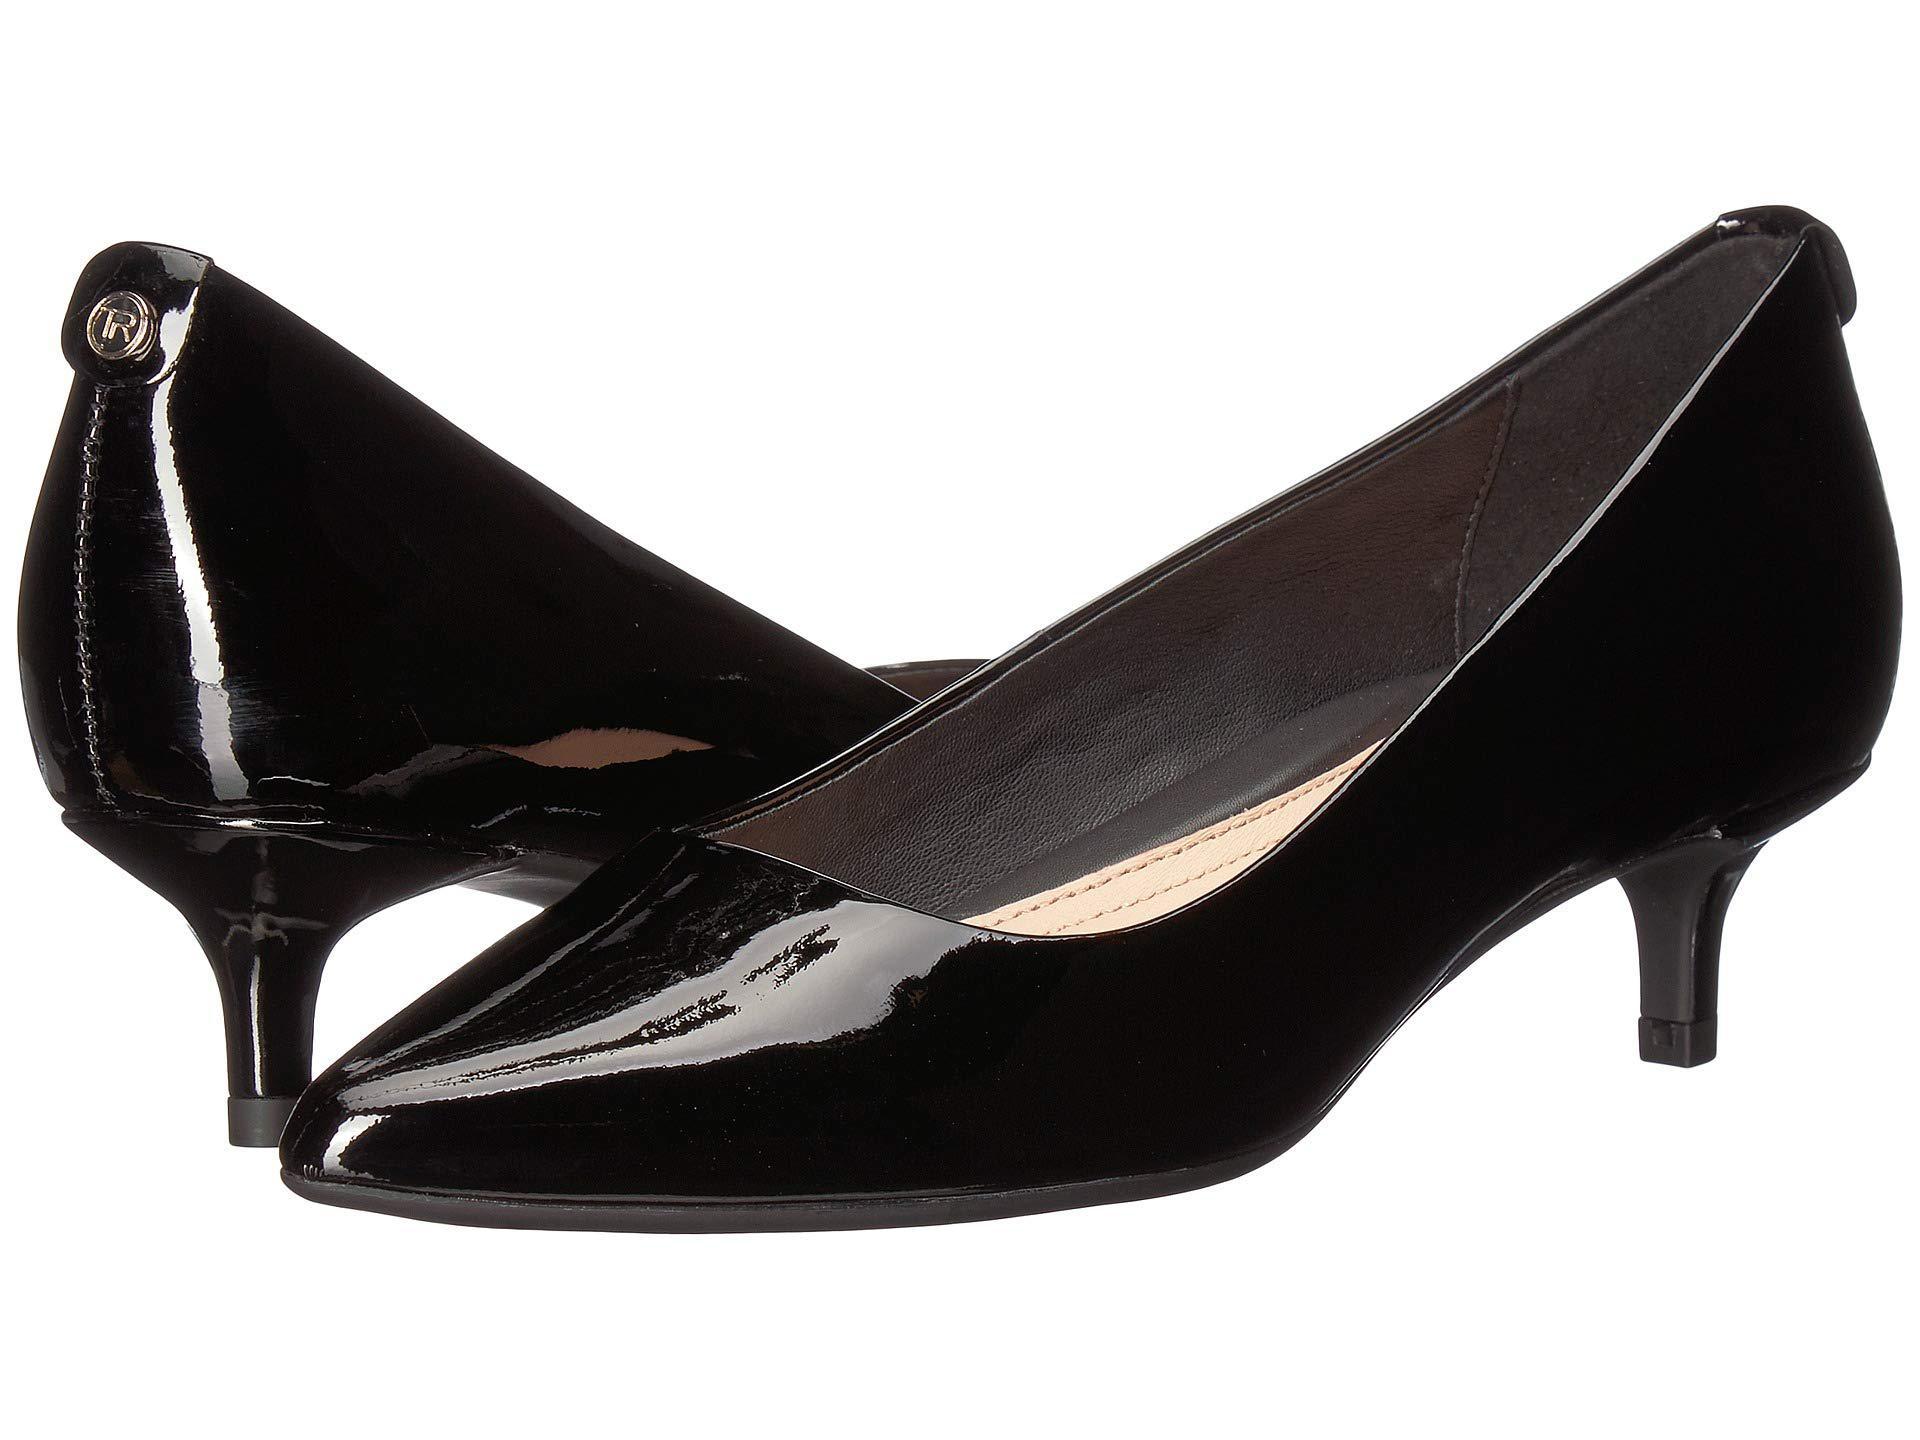 bfcf08aebf Lyst - Taryn Rose Naomi Weatherproof (black Patent) Women's Shoes in ...